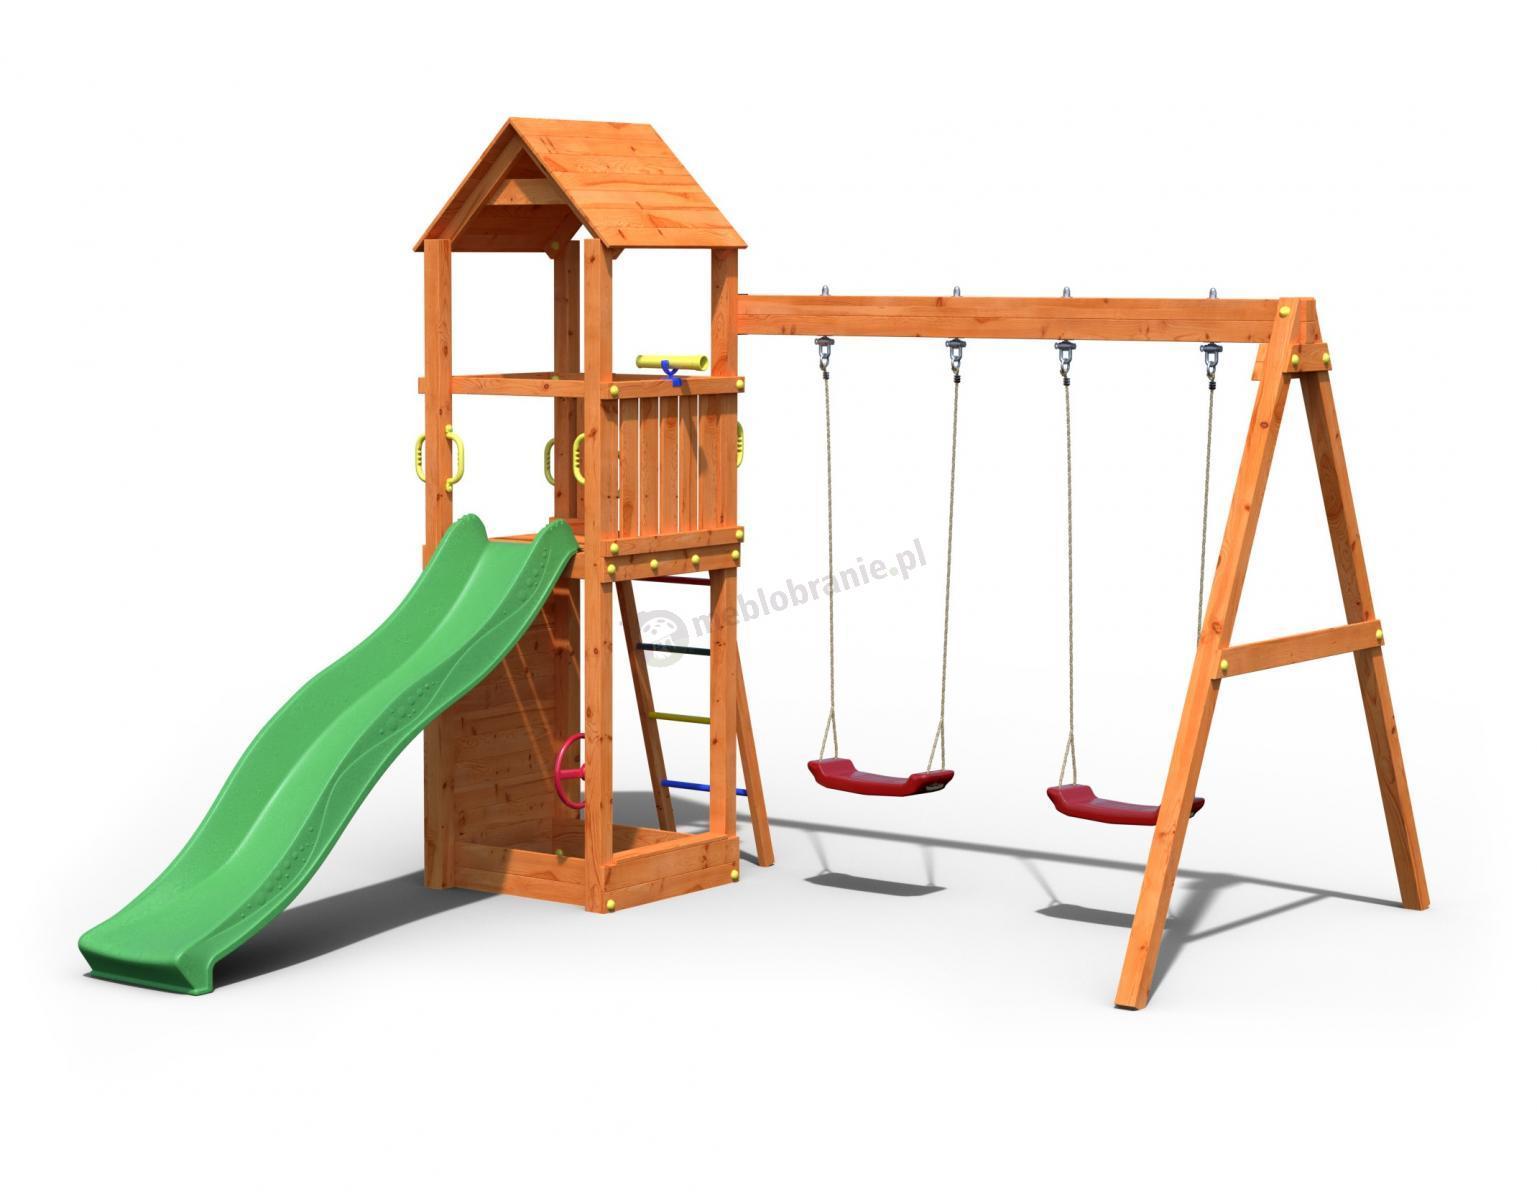 drewniany plac zabaw dla dzieci fungoo flapi. Black Bedroom Furniture Sets. Home Design Ideas